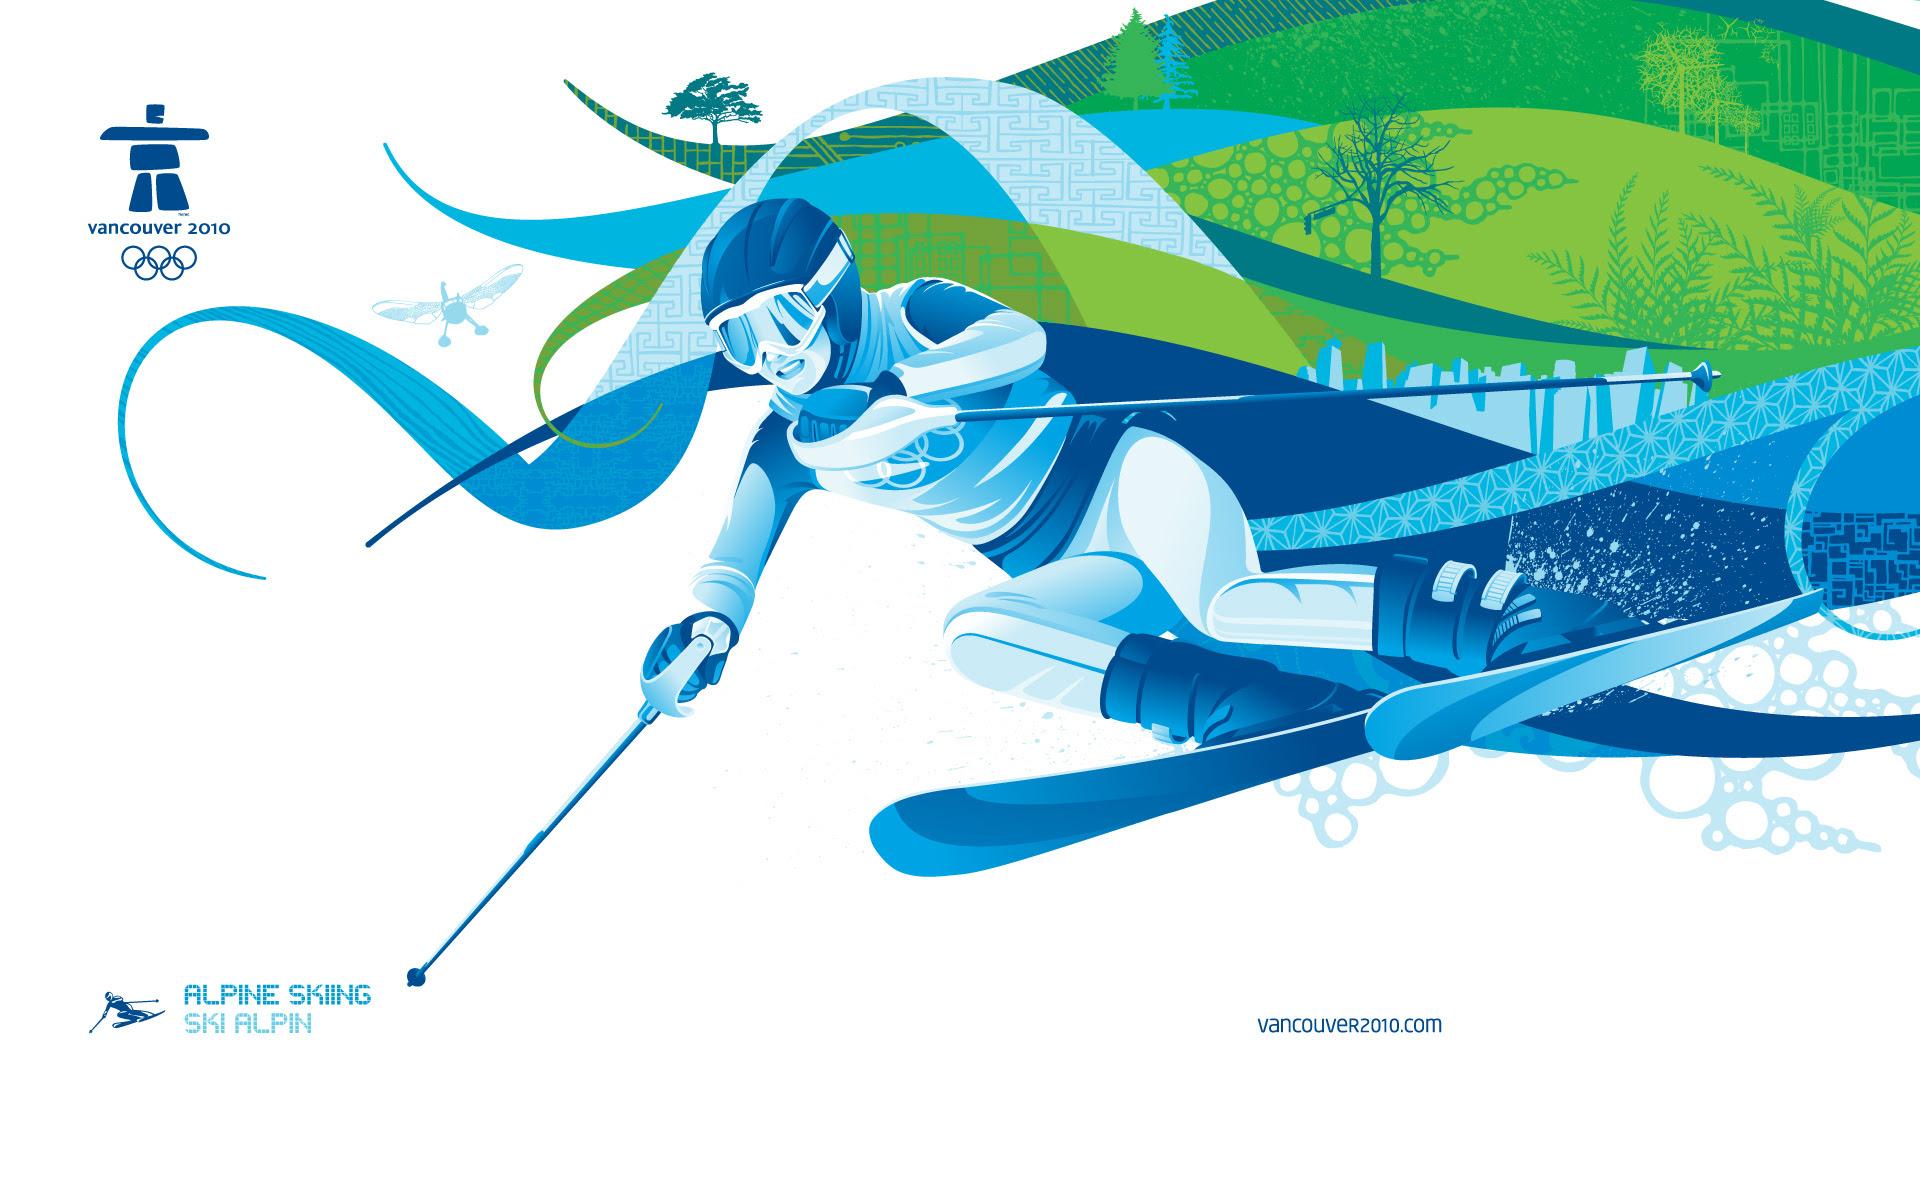 Alpine Skiing, Vancouver 2010